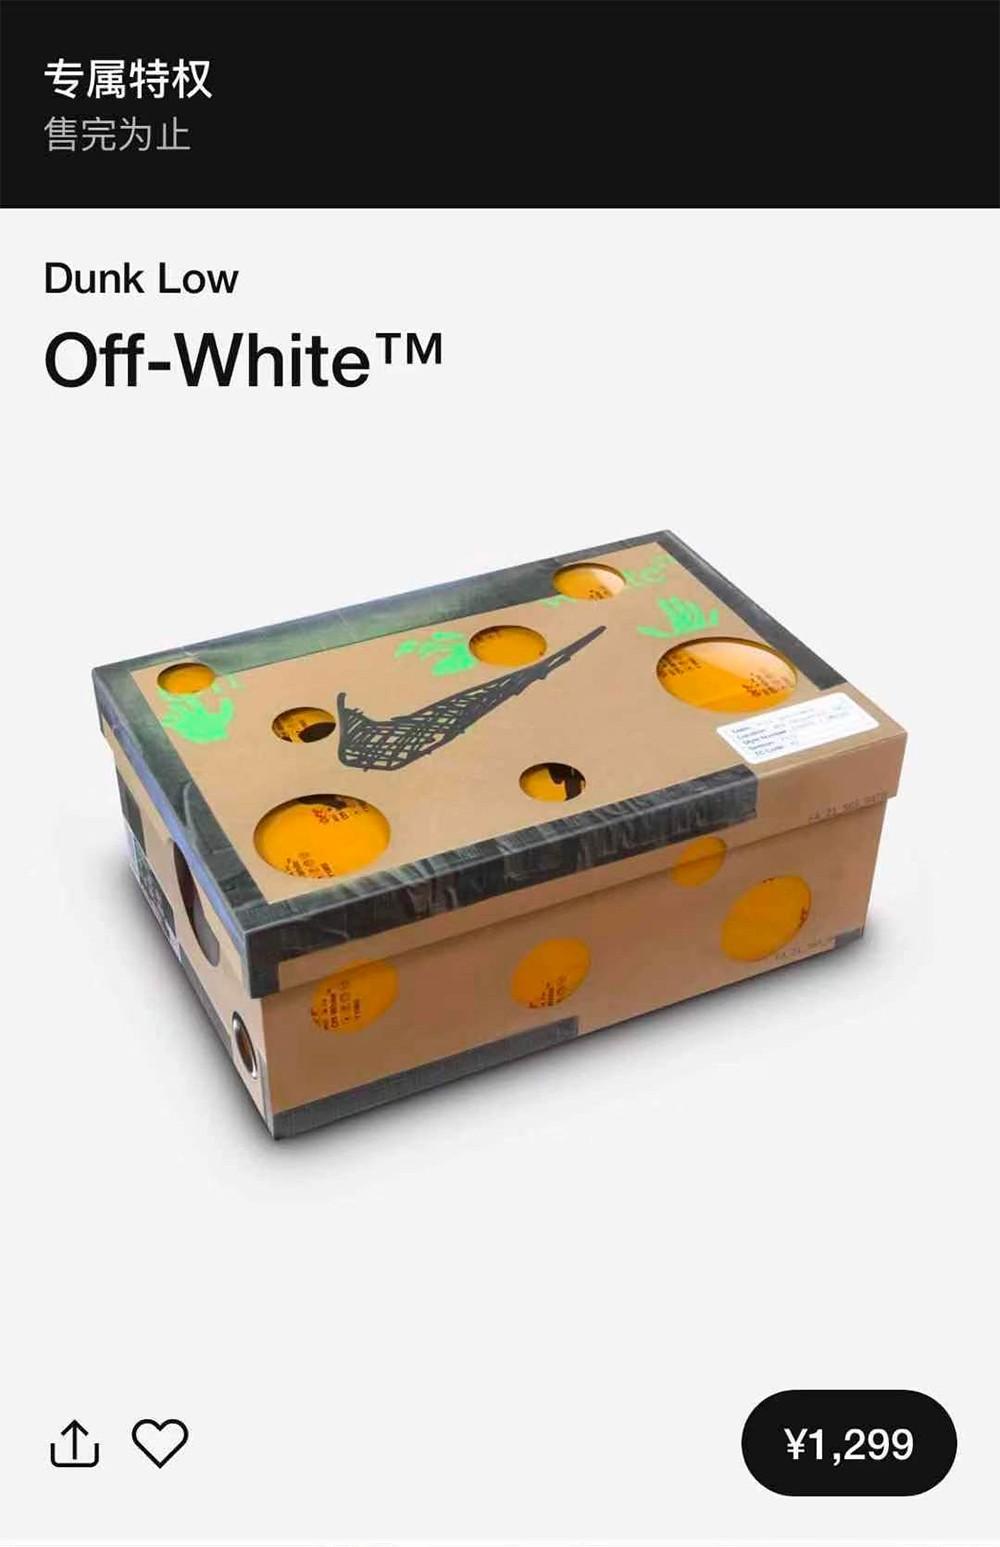 闪电,反钩,UNDFTD,Nike,AJ,OFF-WHITE  市价¥8000!「闪电倒钩」明日发售!还有 UNDFTD 联名!